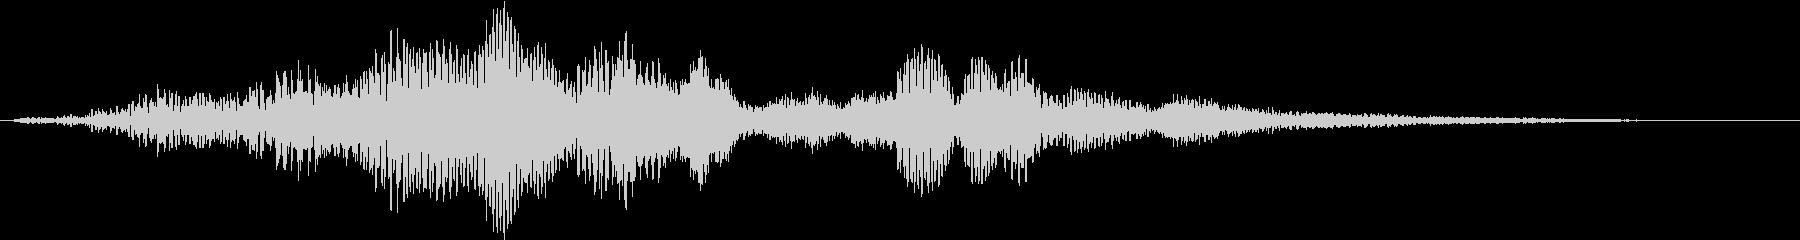 【映像演出】場面転換_効果音の未再生の波形